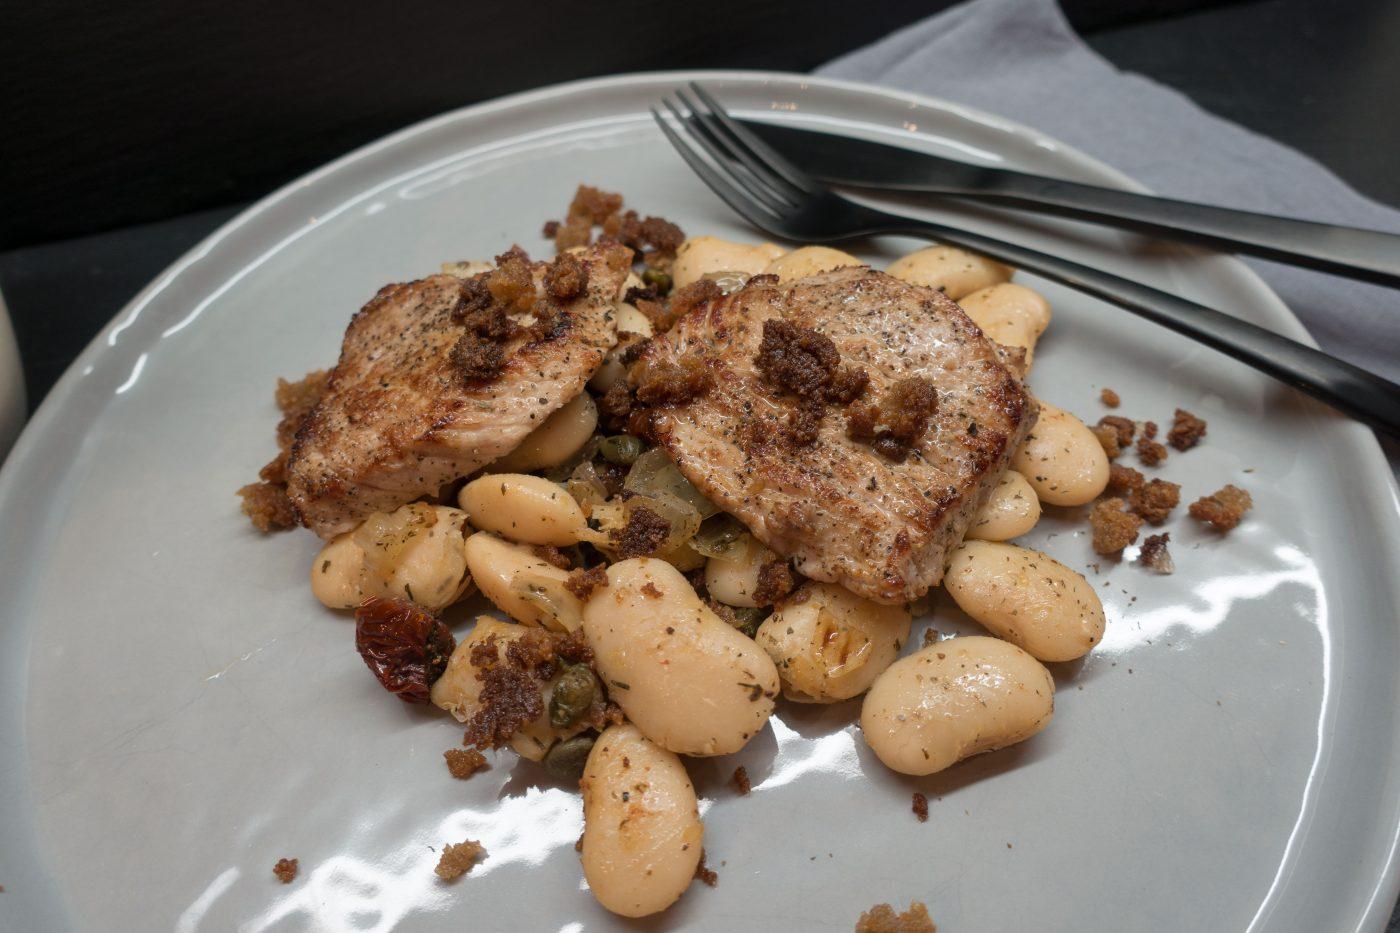 Schweine-Schnitzel auf dicken weißen Bohnen mit Knoblauch-Crumble